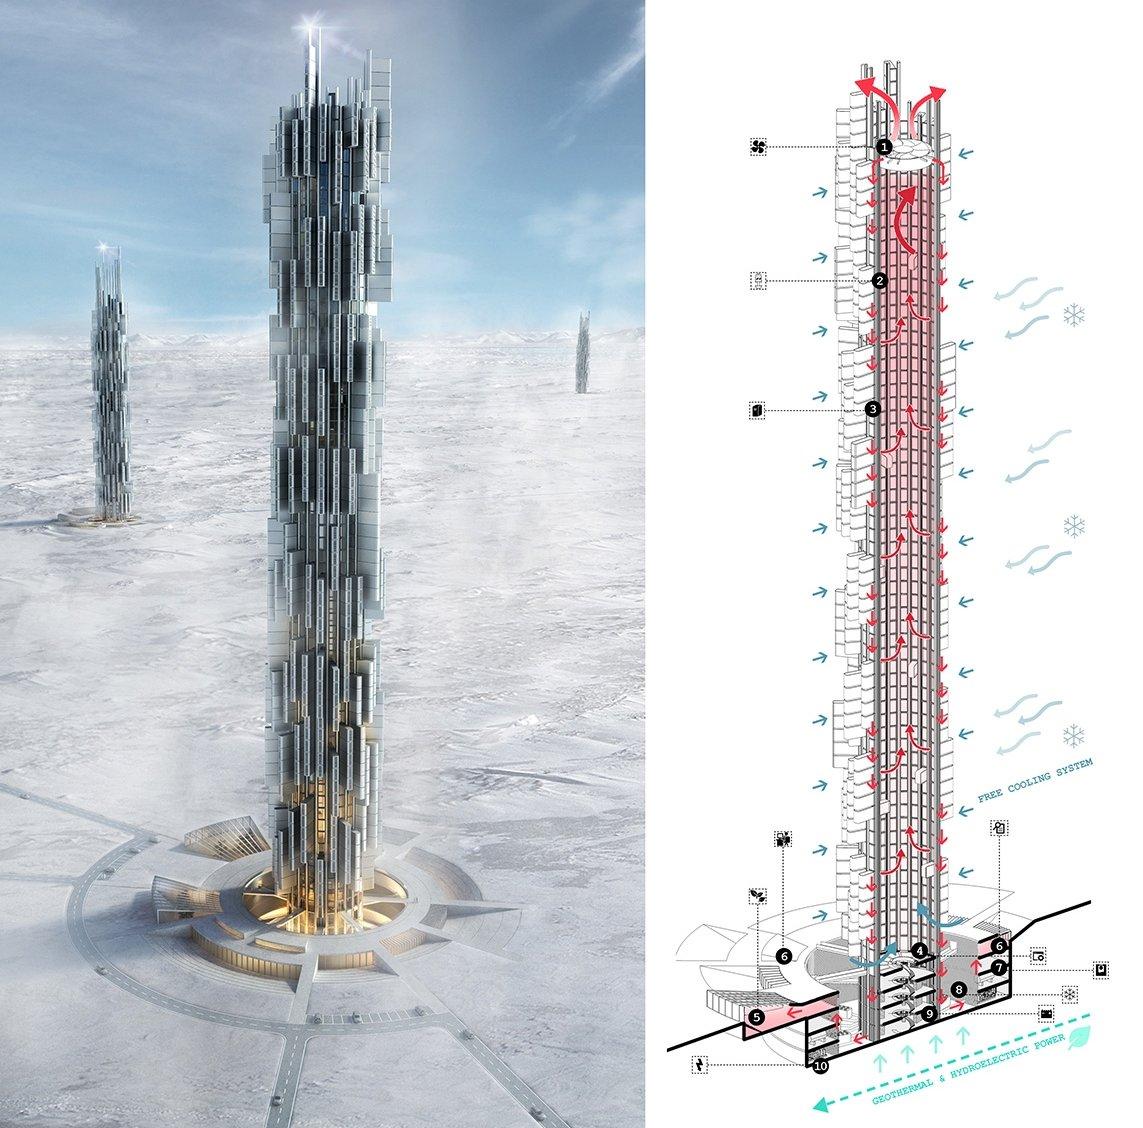 Die Wärme der Server wird durch den Wind abgeleitet, der durch den hohlen Kern des Data Towers fließt.